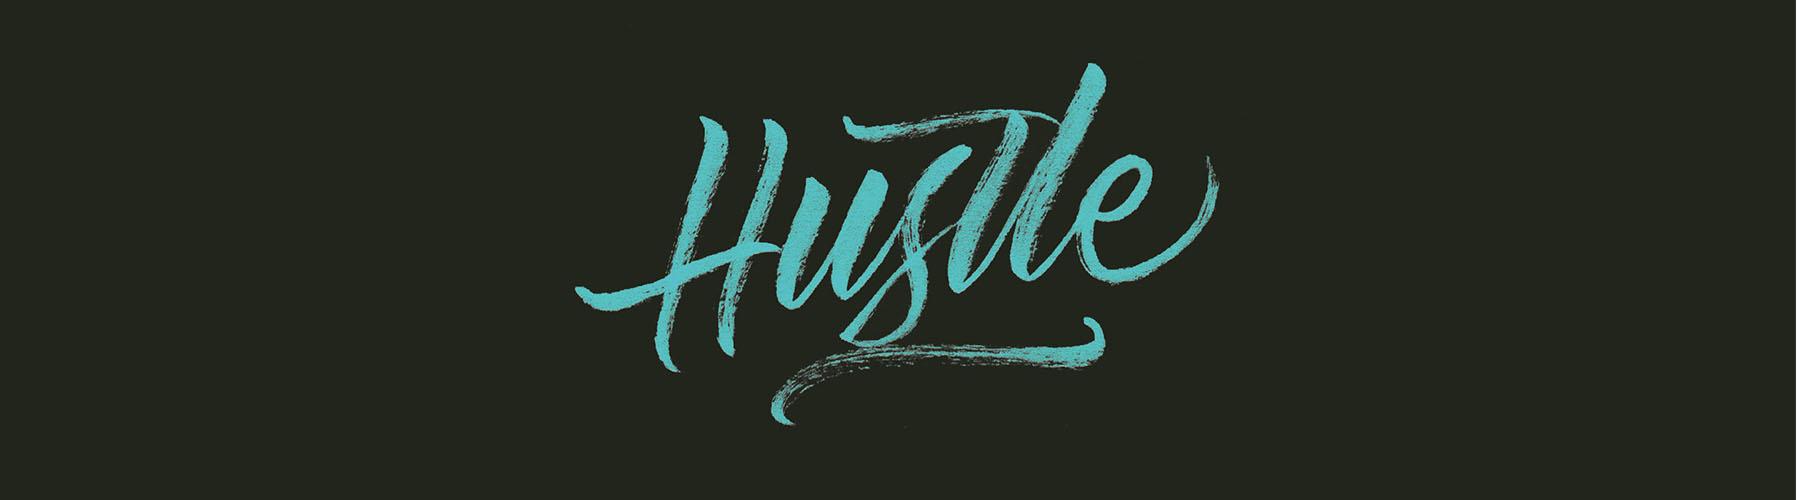 Hustle-WallpaperArtboard-1.jpg